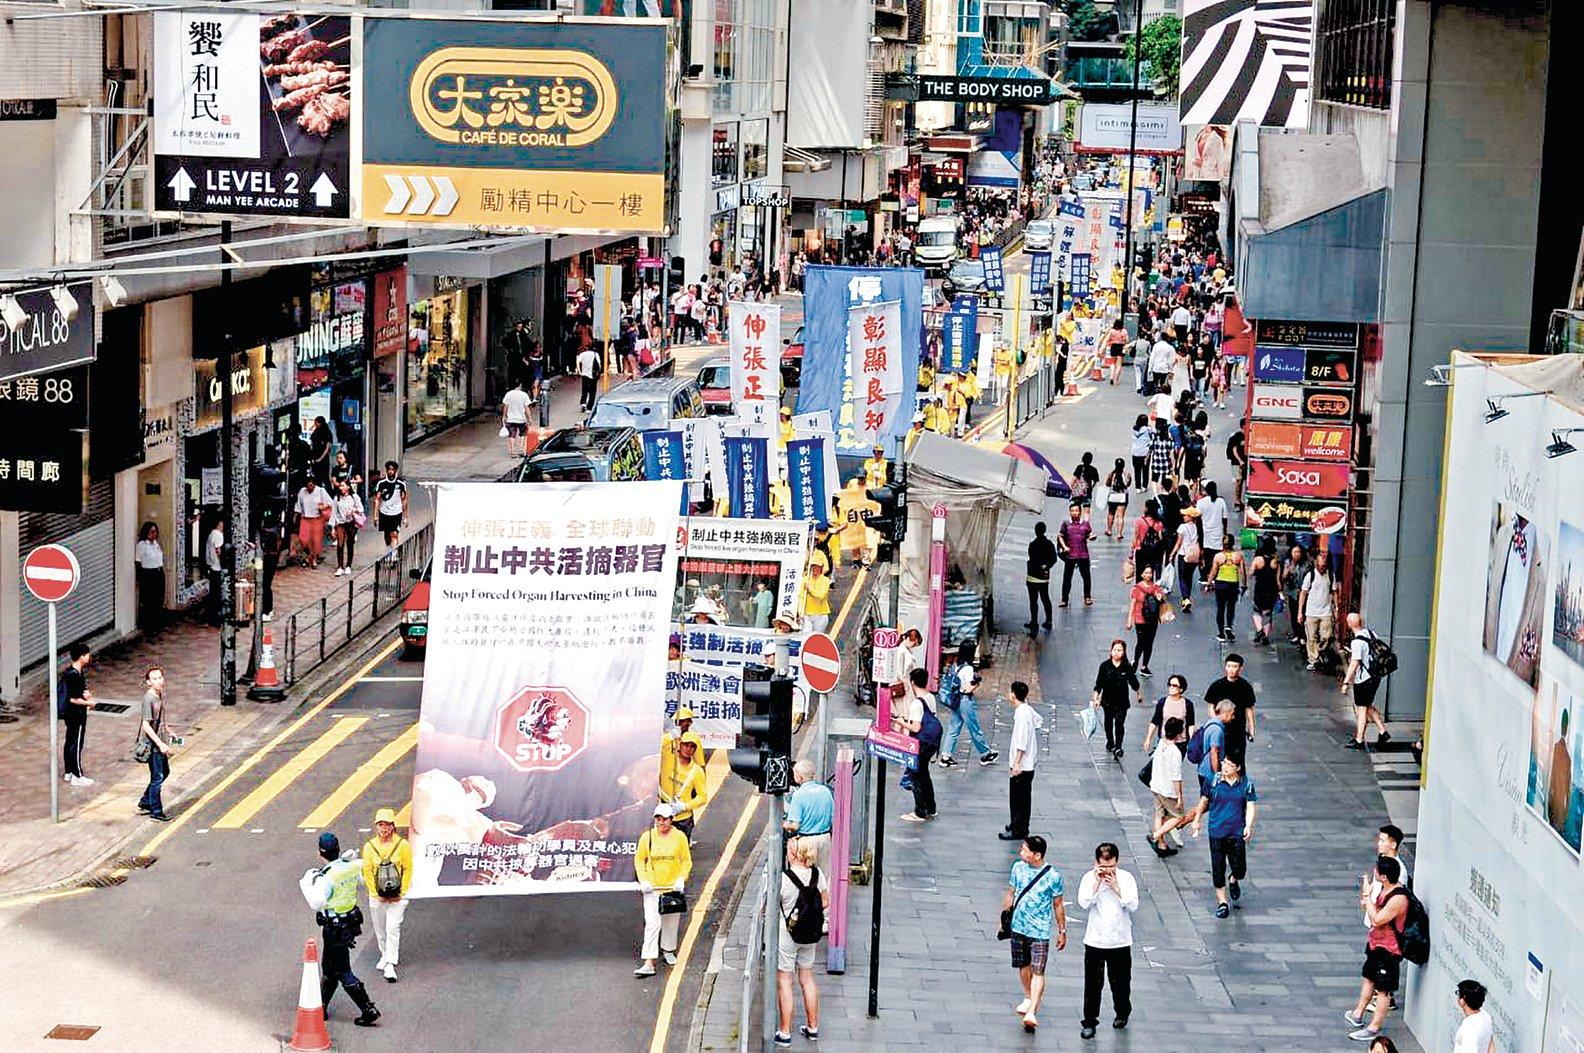 香港法輪功學員在反迫害游行中,打出「制止中共活摘法輪功學員器官」的橫幅。(大紀元)